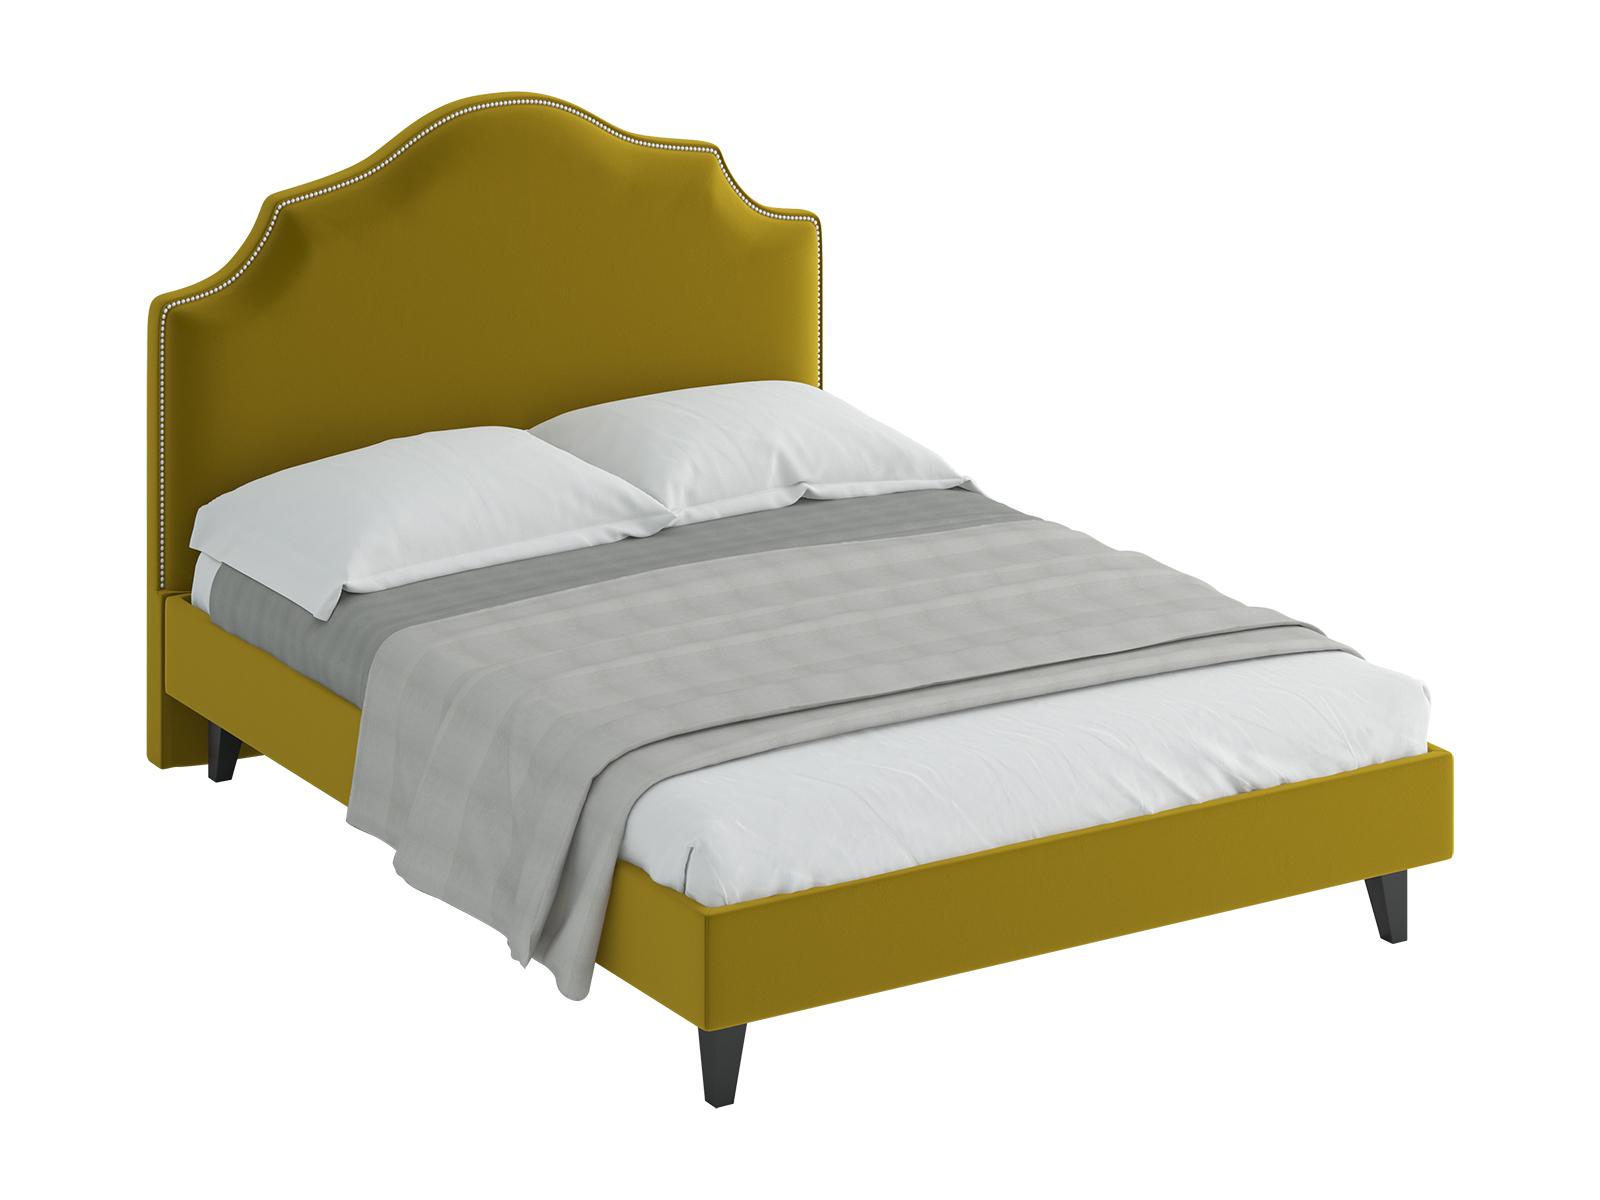 Кровать Queen VictoriaКровати с мягким изголовьем<br>&amp;lt;div&amp;gt;Материал:&amp;lt;/div&amp;gt;&amp;lt;div&amp;gt;Обивка: ткань.&amp;lt;/div&amp;gt;&amp;lt;div&amp;gt;Основание: металлическое с эластичными латами из фанеры.&amp;lt;/div&amp;gt;&amp;lt;div&amp;gt;Ножки: массив дерева.&amp;lt;/div&amp;gt;&amp;lt;div&amp;gt;&amp;lt;br&amp;gt;&amp;lt;/div&amp;gt;&amp;lt;div&amp;gt;Размер спального места: 160х200см.&amp;lt;/div&amp;gt;<br><br>Material: Текстиль<br>Ширина см: 170.0<br>Высота см: 130.0<br>Глубина см: 216.0